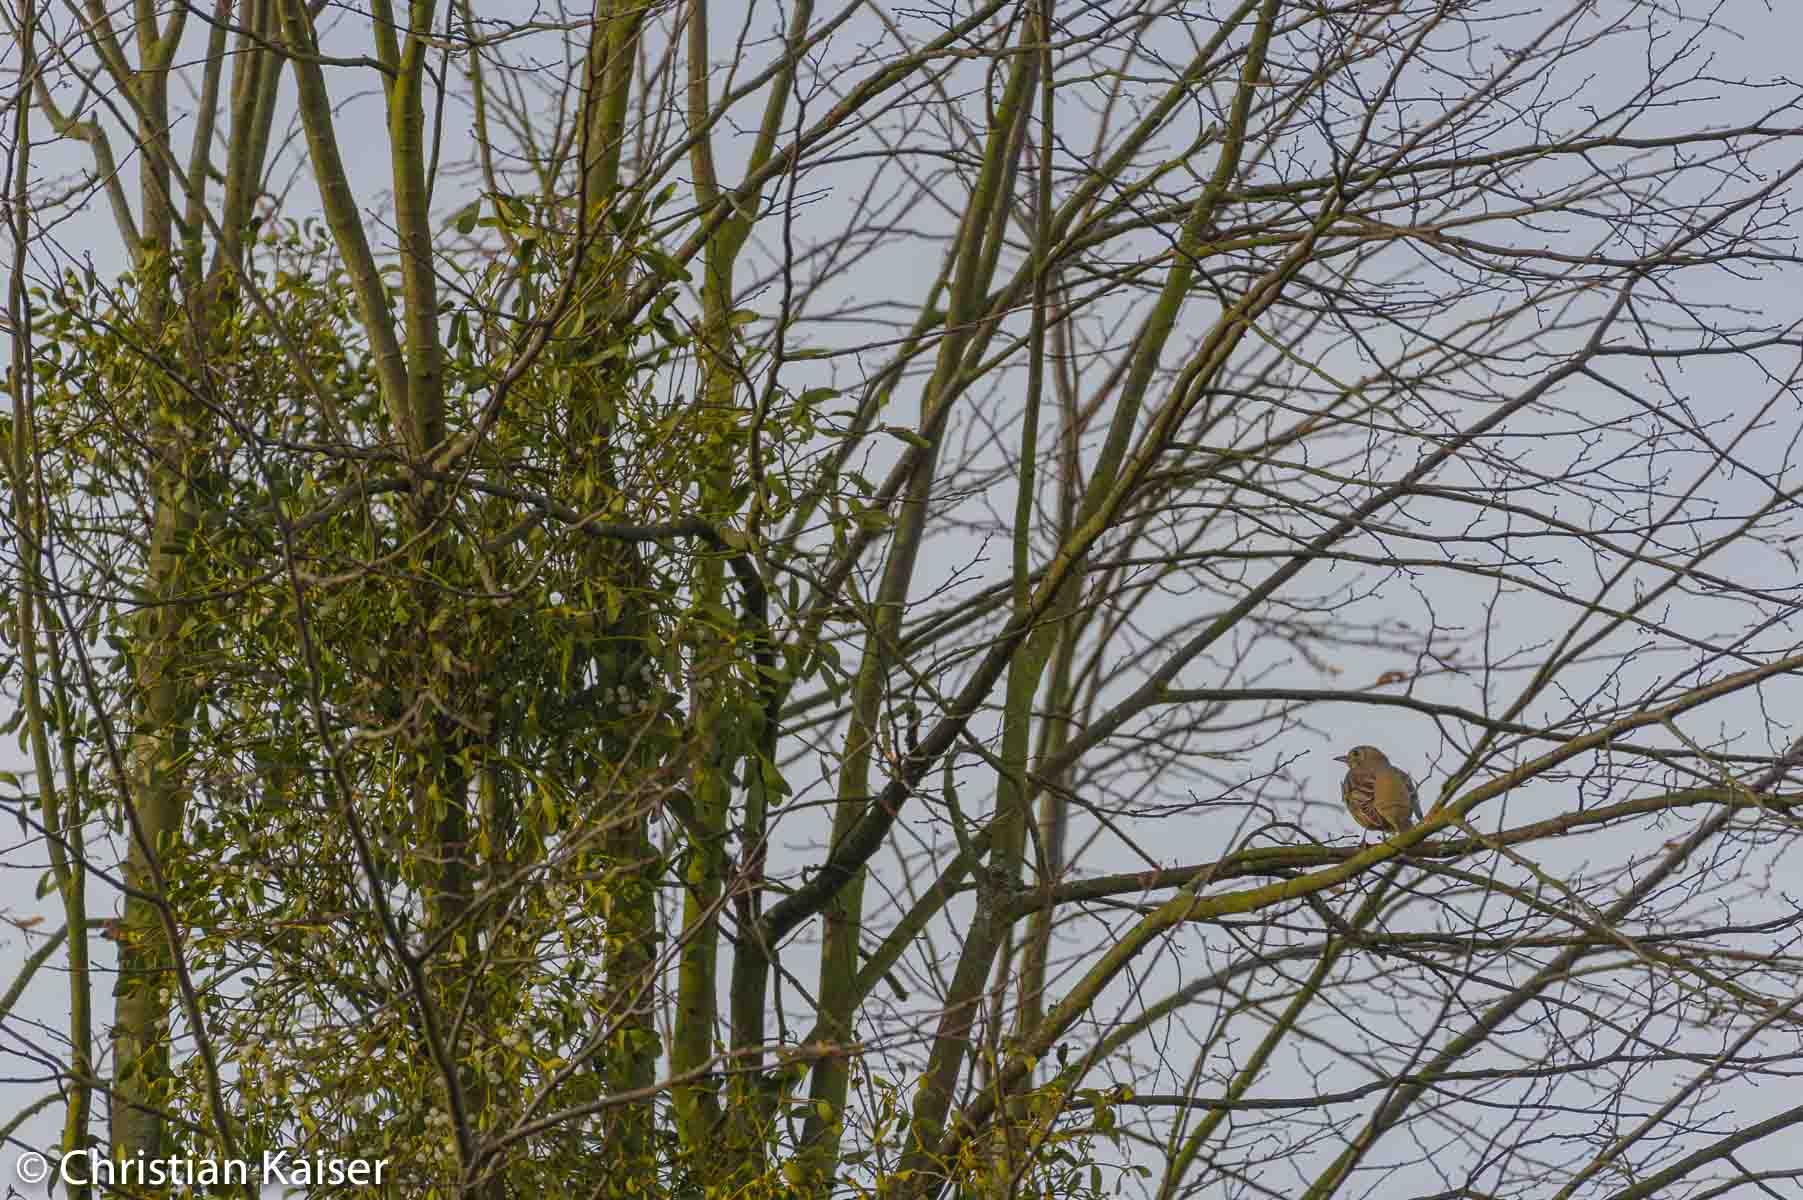 mistletoe in the tree.